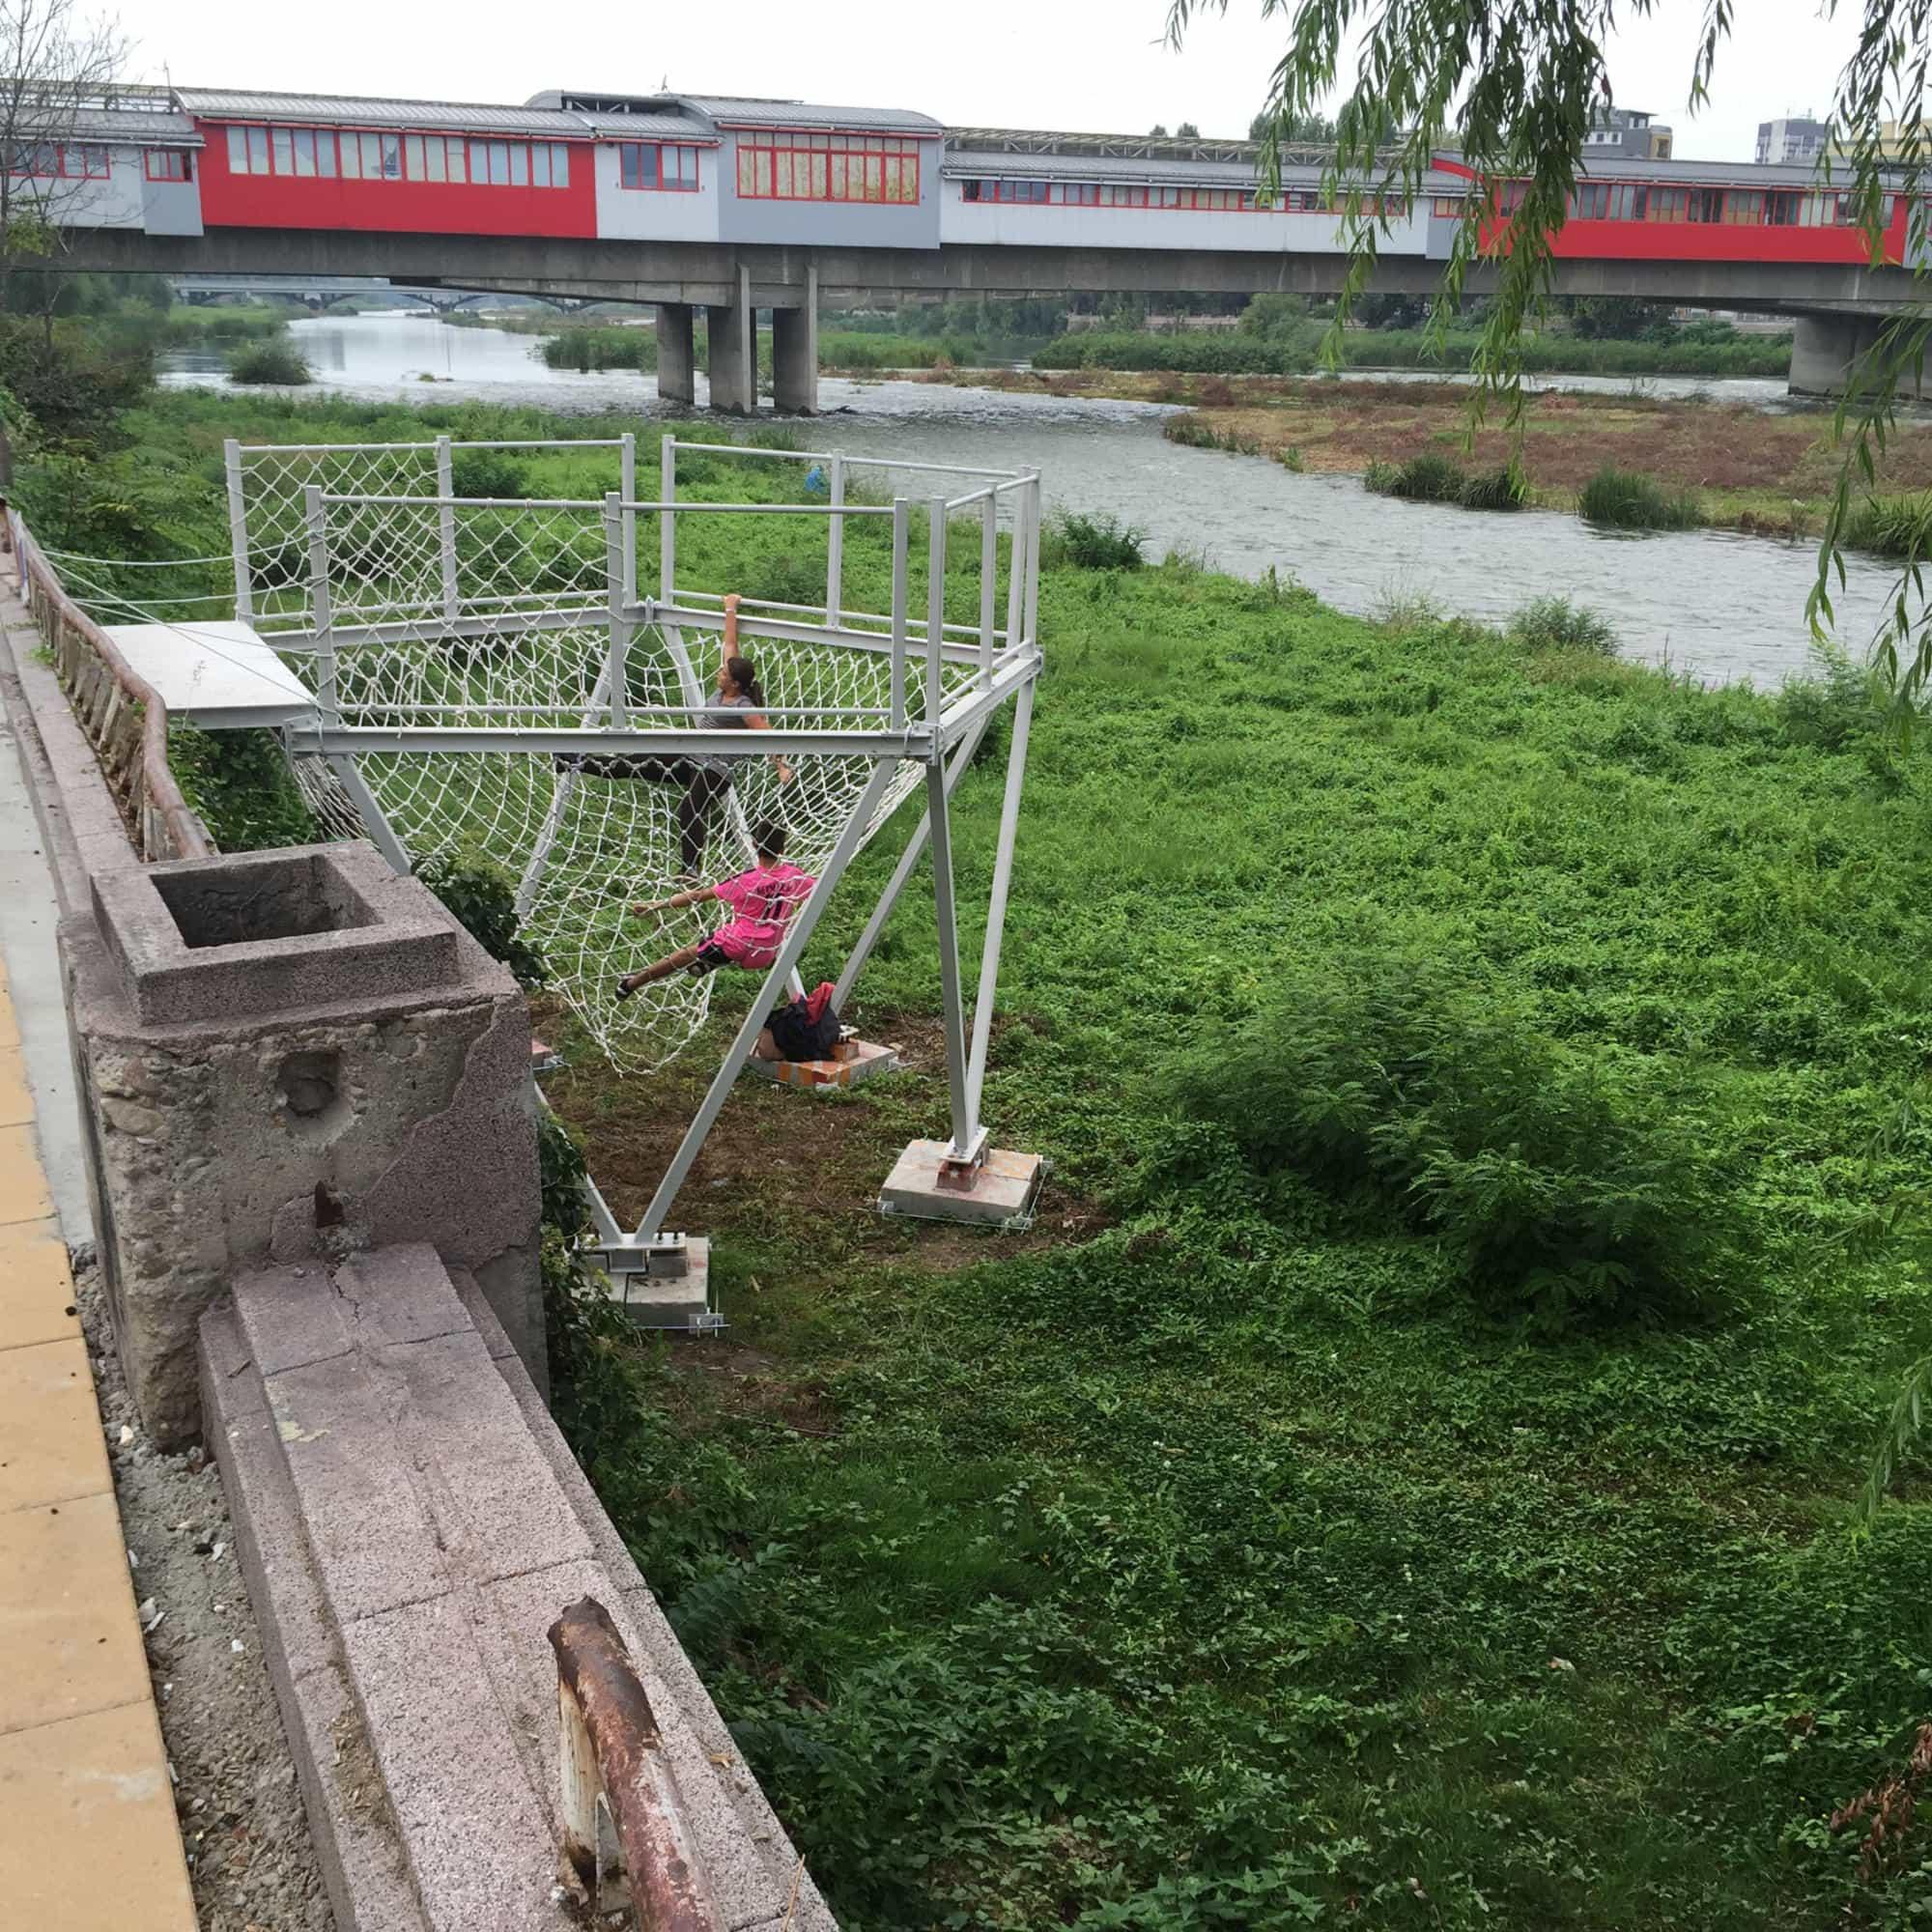 Vortex on Martitza river in Plodiv_Jakub Szczęsny_1